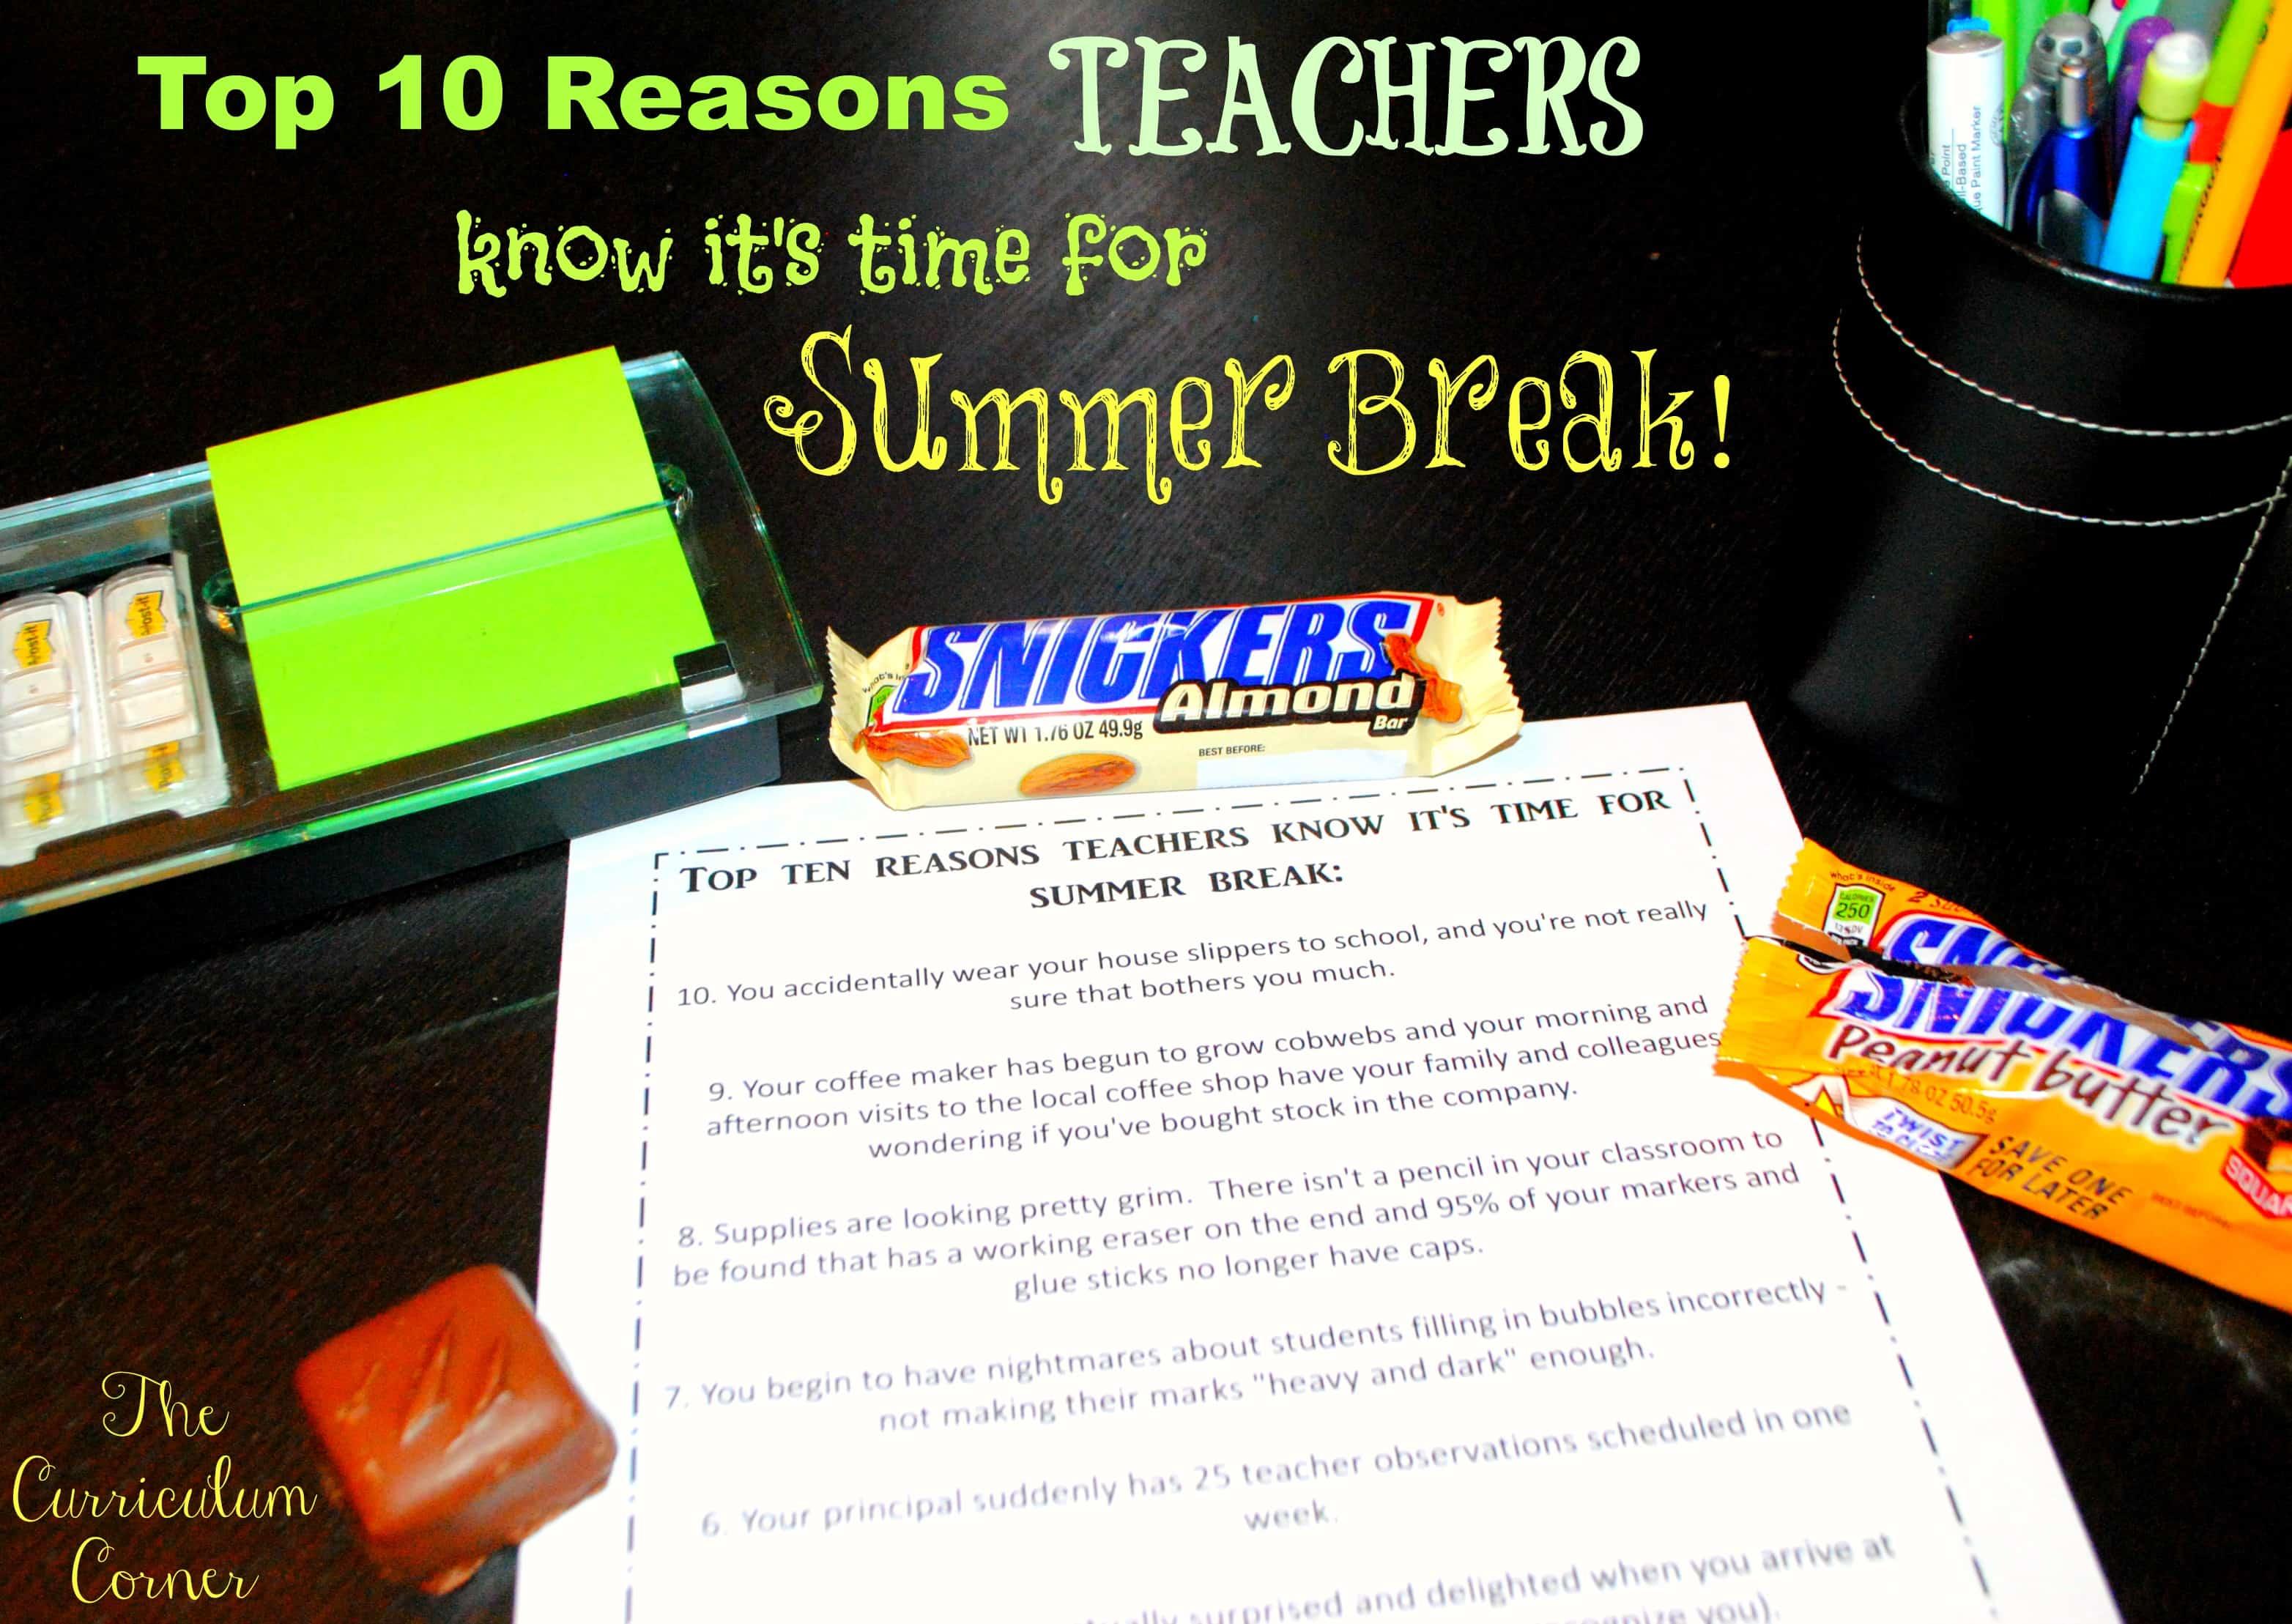 Top Ten Reasons Teachers Know It's Time for Summer Break